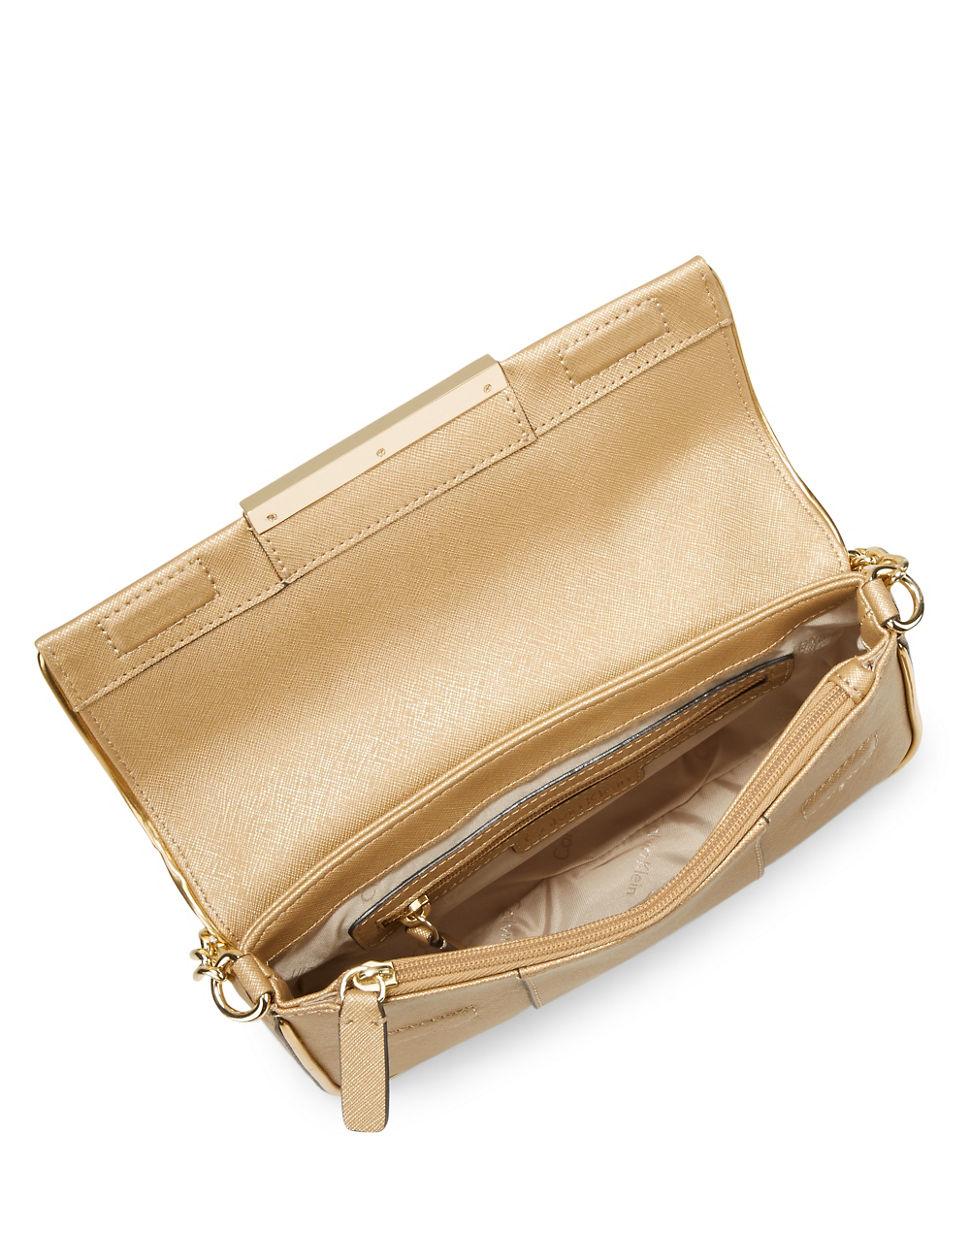 calvin klein saffiano leather shoulder bag in gold gold. Black Bedroom Furniture Sets. Home Design Ideas